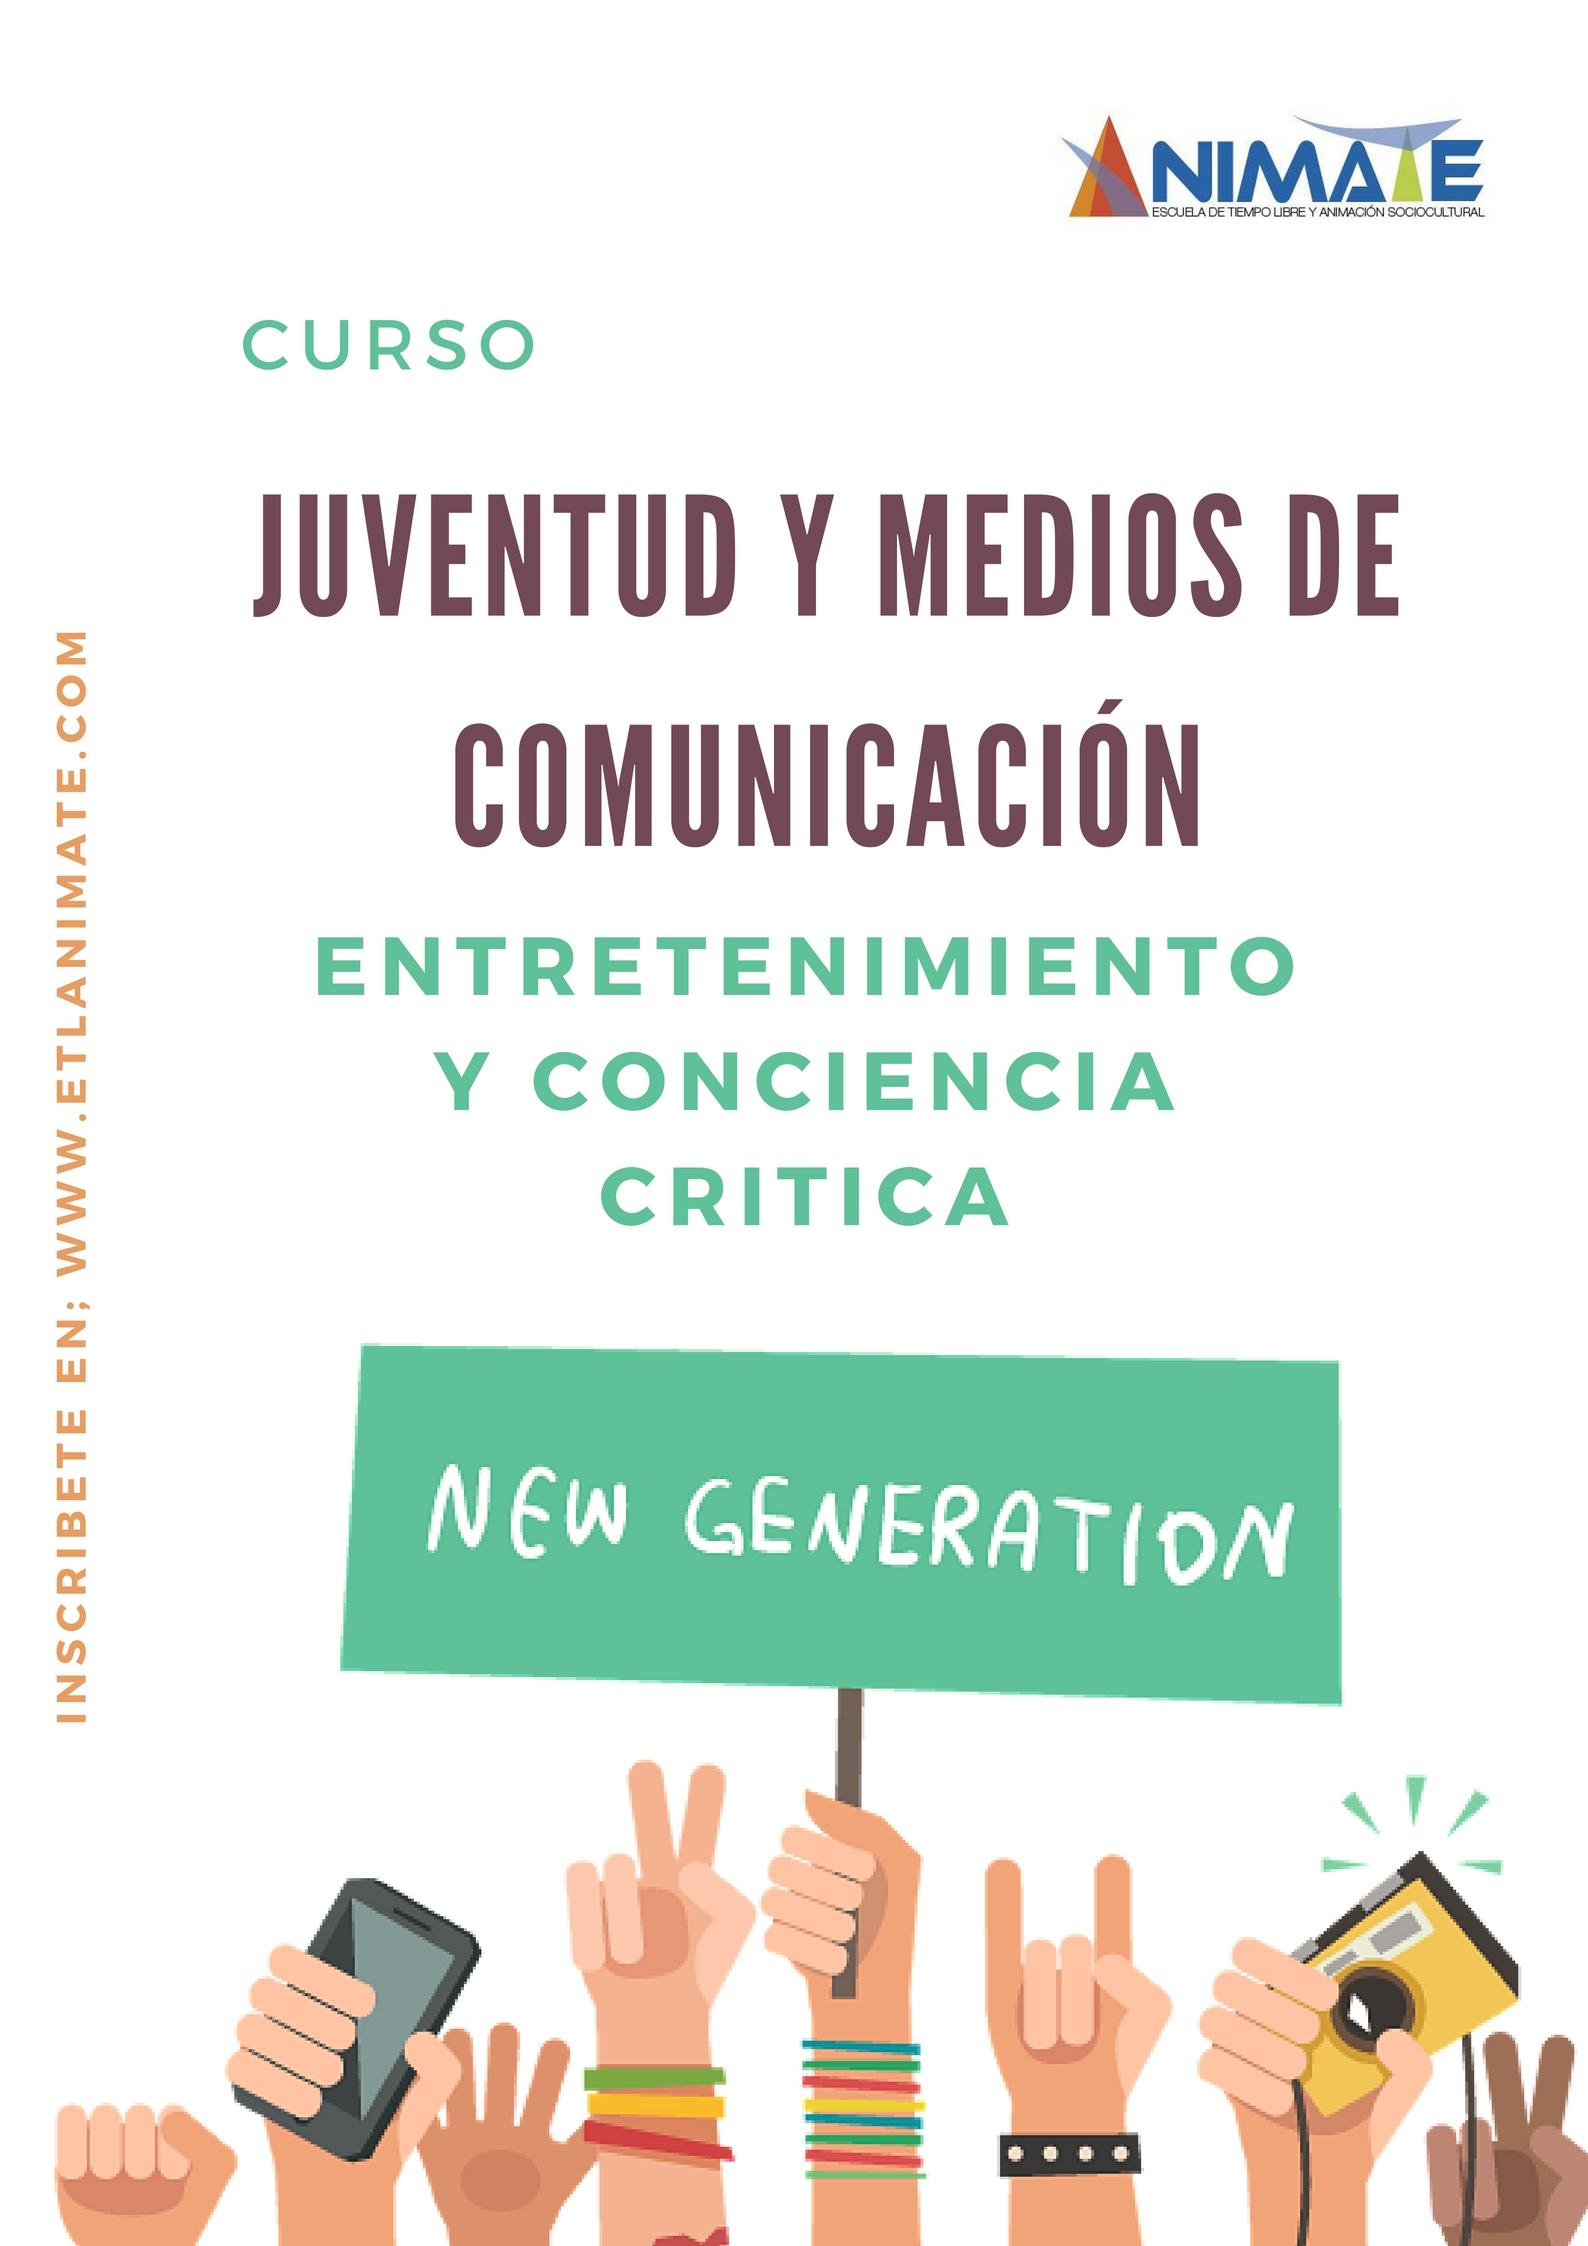 Juventud y medios de comunicacion